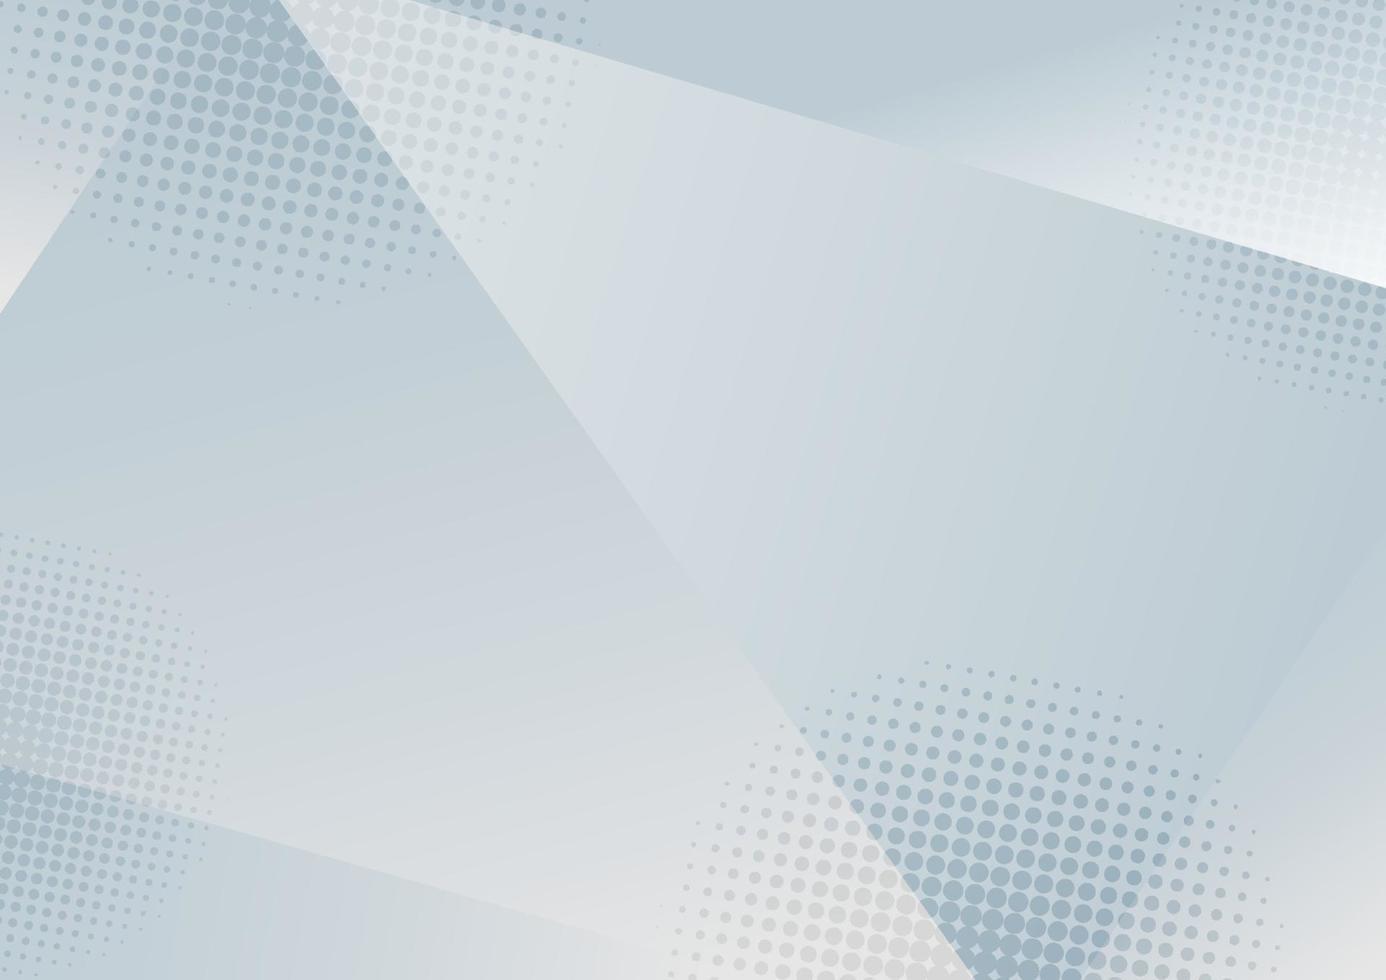 abstracte lage veelhoek witte en grijze achtergrond met kleurovergang met halftoon effect. vector